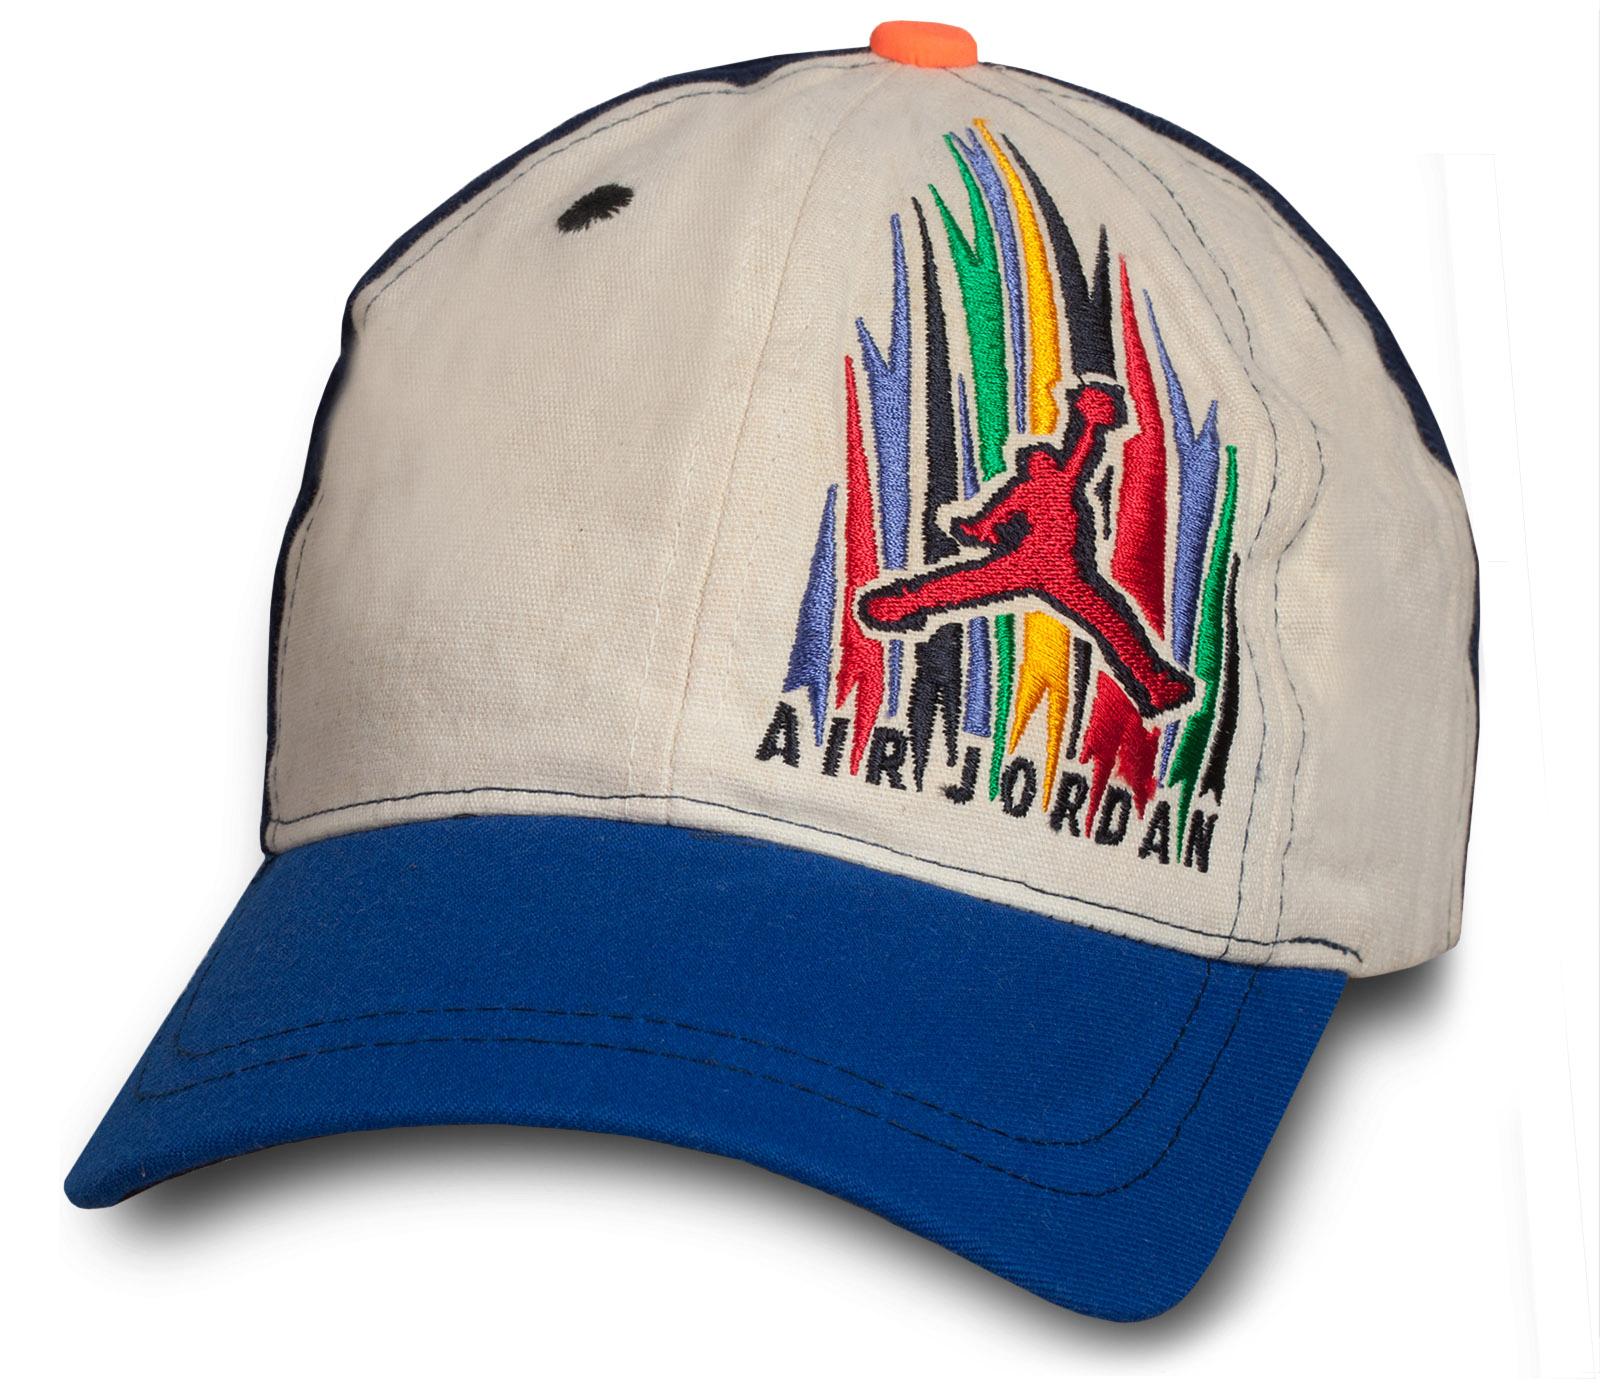 Спортивная оригинальная бейсболка Air Jordan